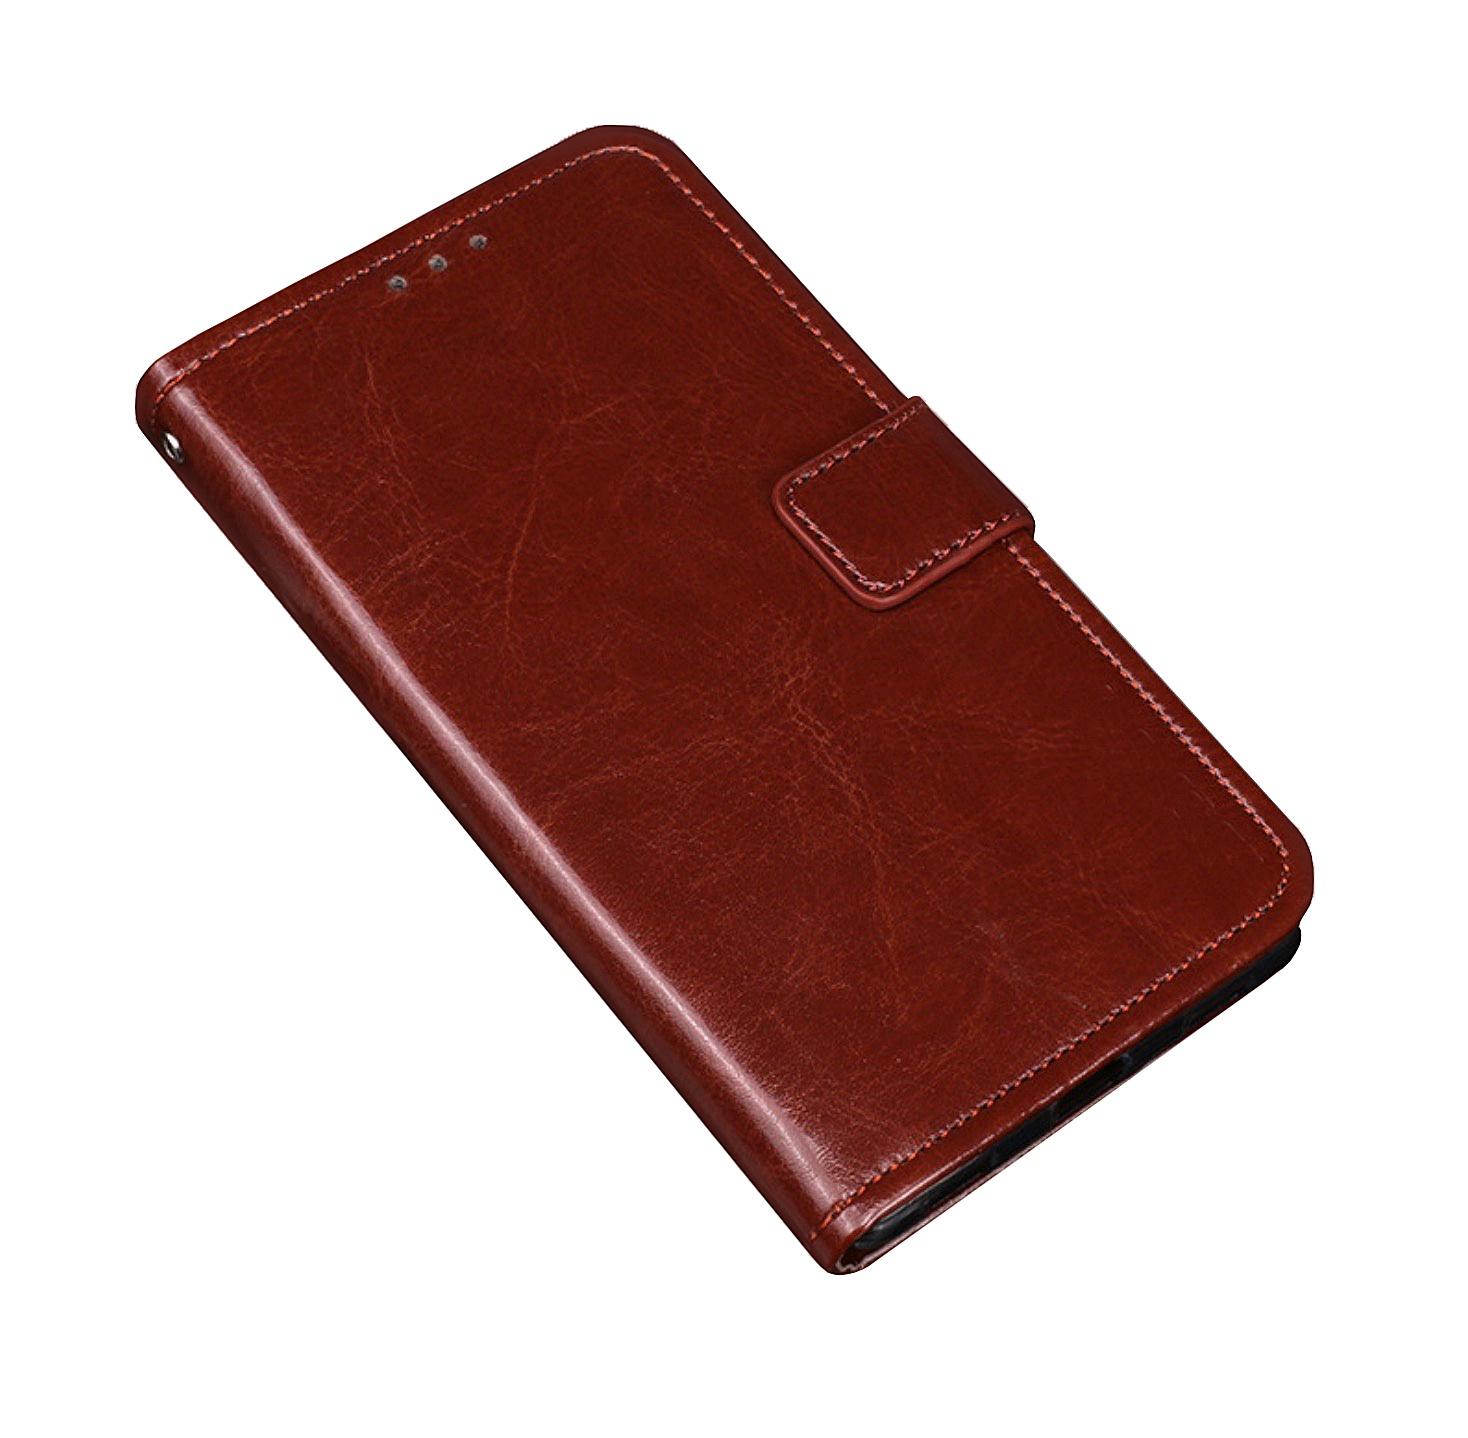 Чехол-книжка MyPads для Highscreen Easy F с мульти-подставкой застёжкой и визитницей коричневый смартфон highscreen easy xl коричневый